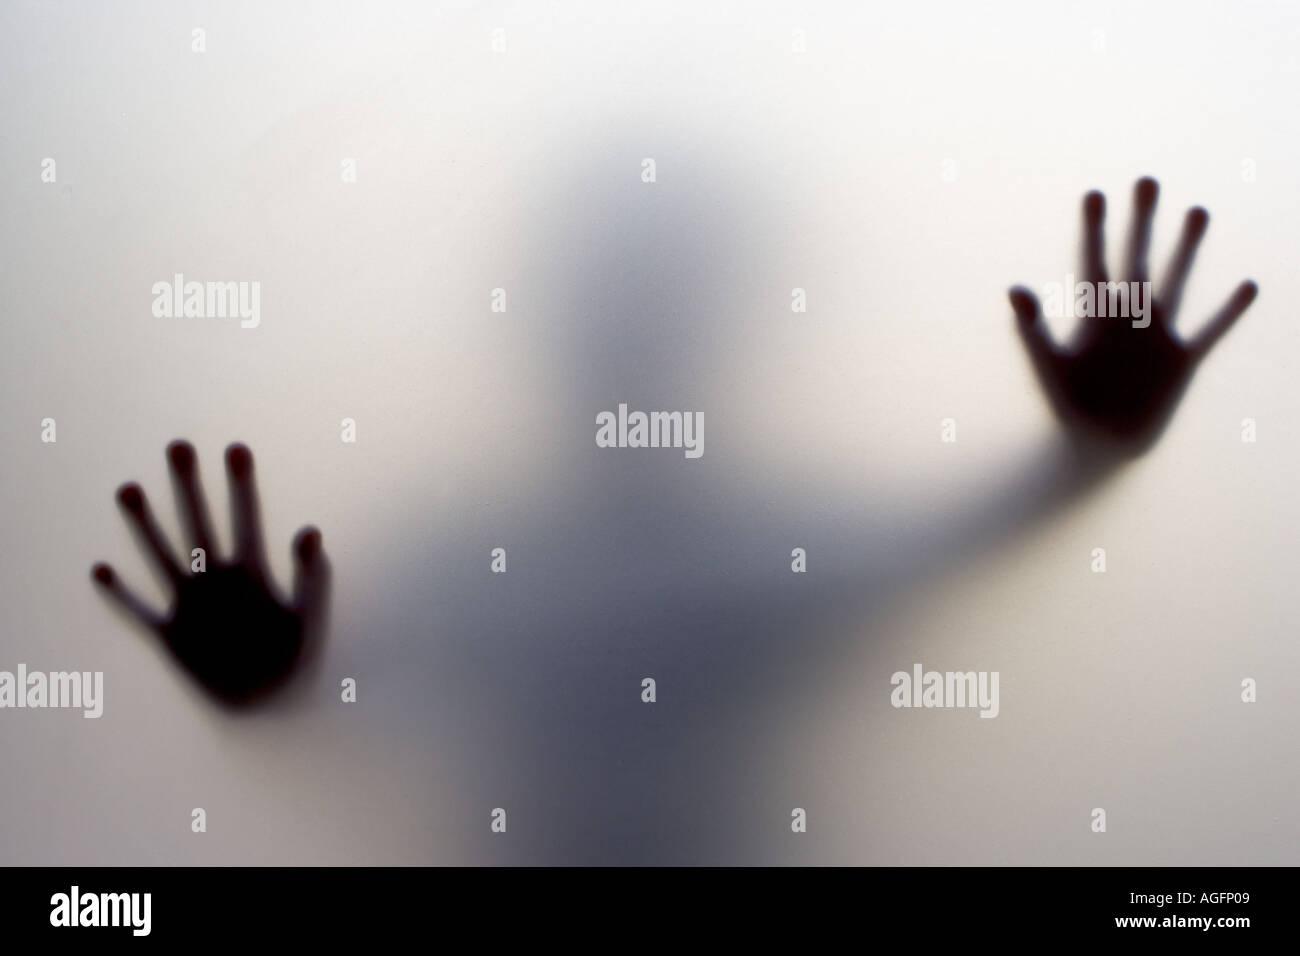 Die Hände eines Kindes an das Milchglas einer Tür gedrückt Stockbild